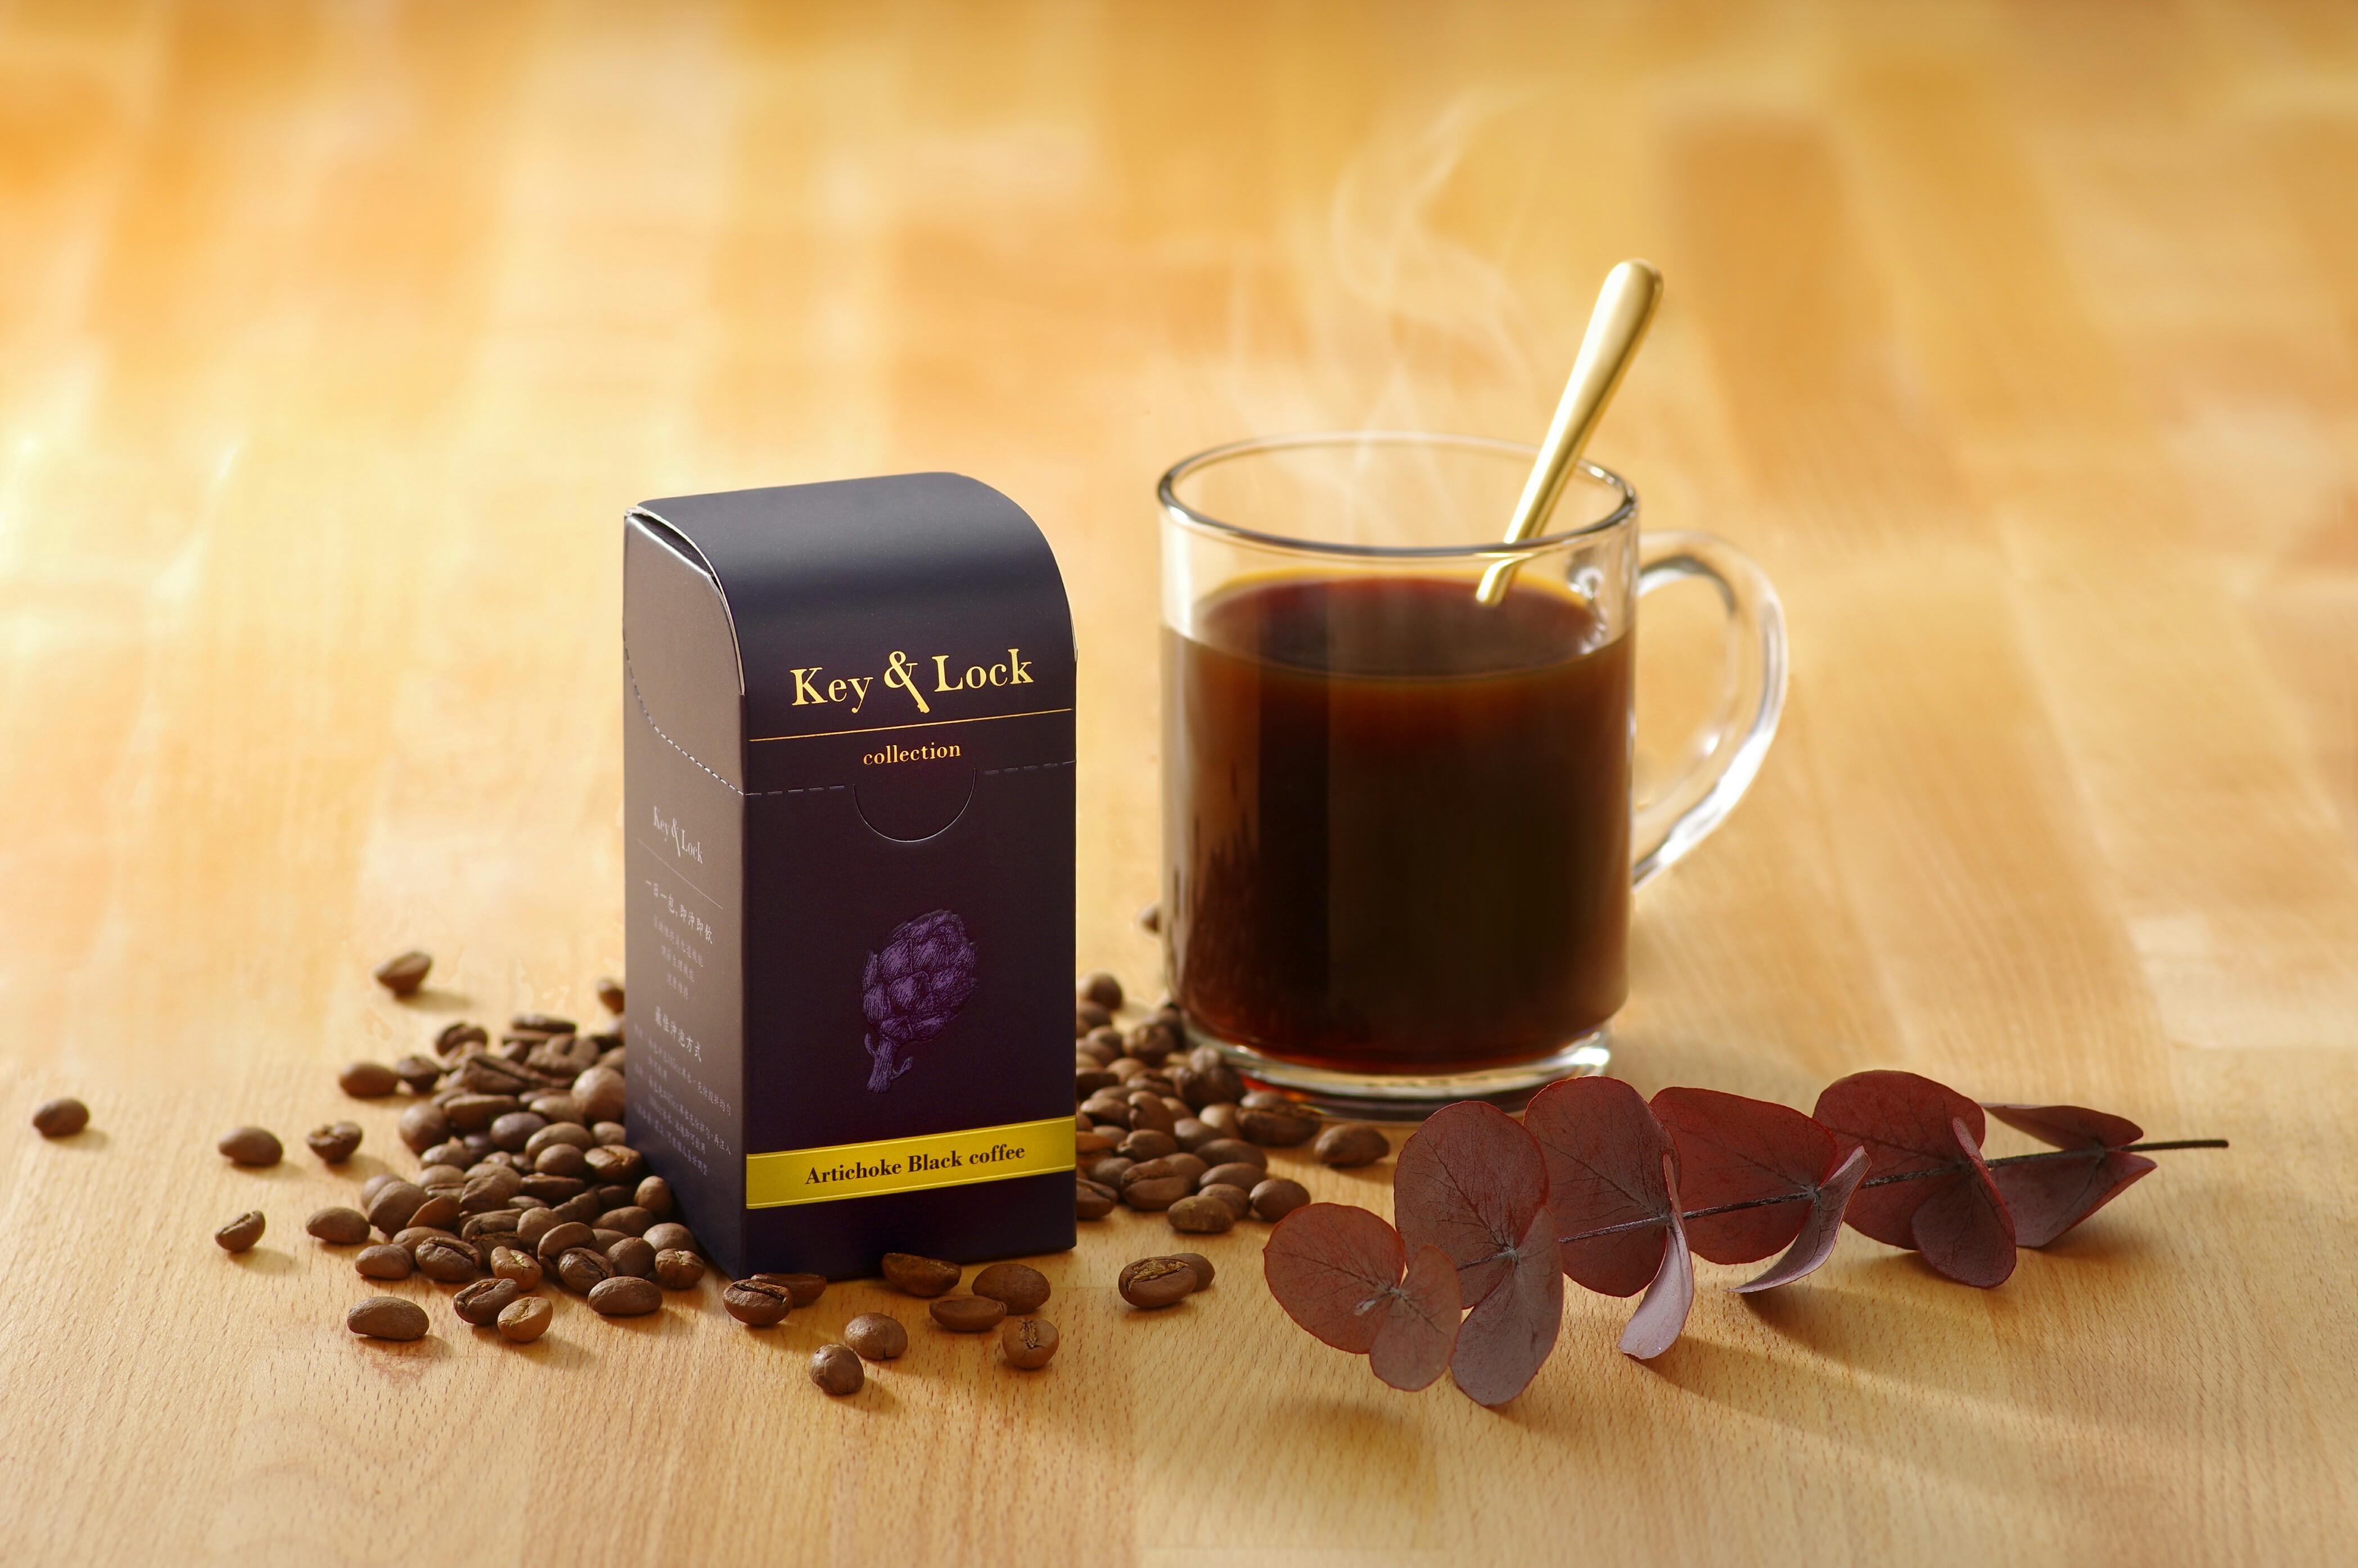 朝鮮薊黑咖啡(Key&Lock)  Artichoke Black coffee